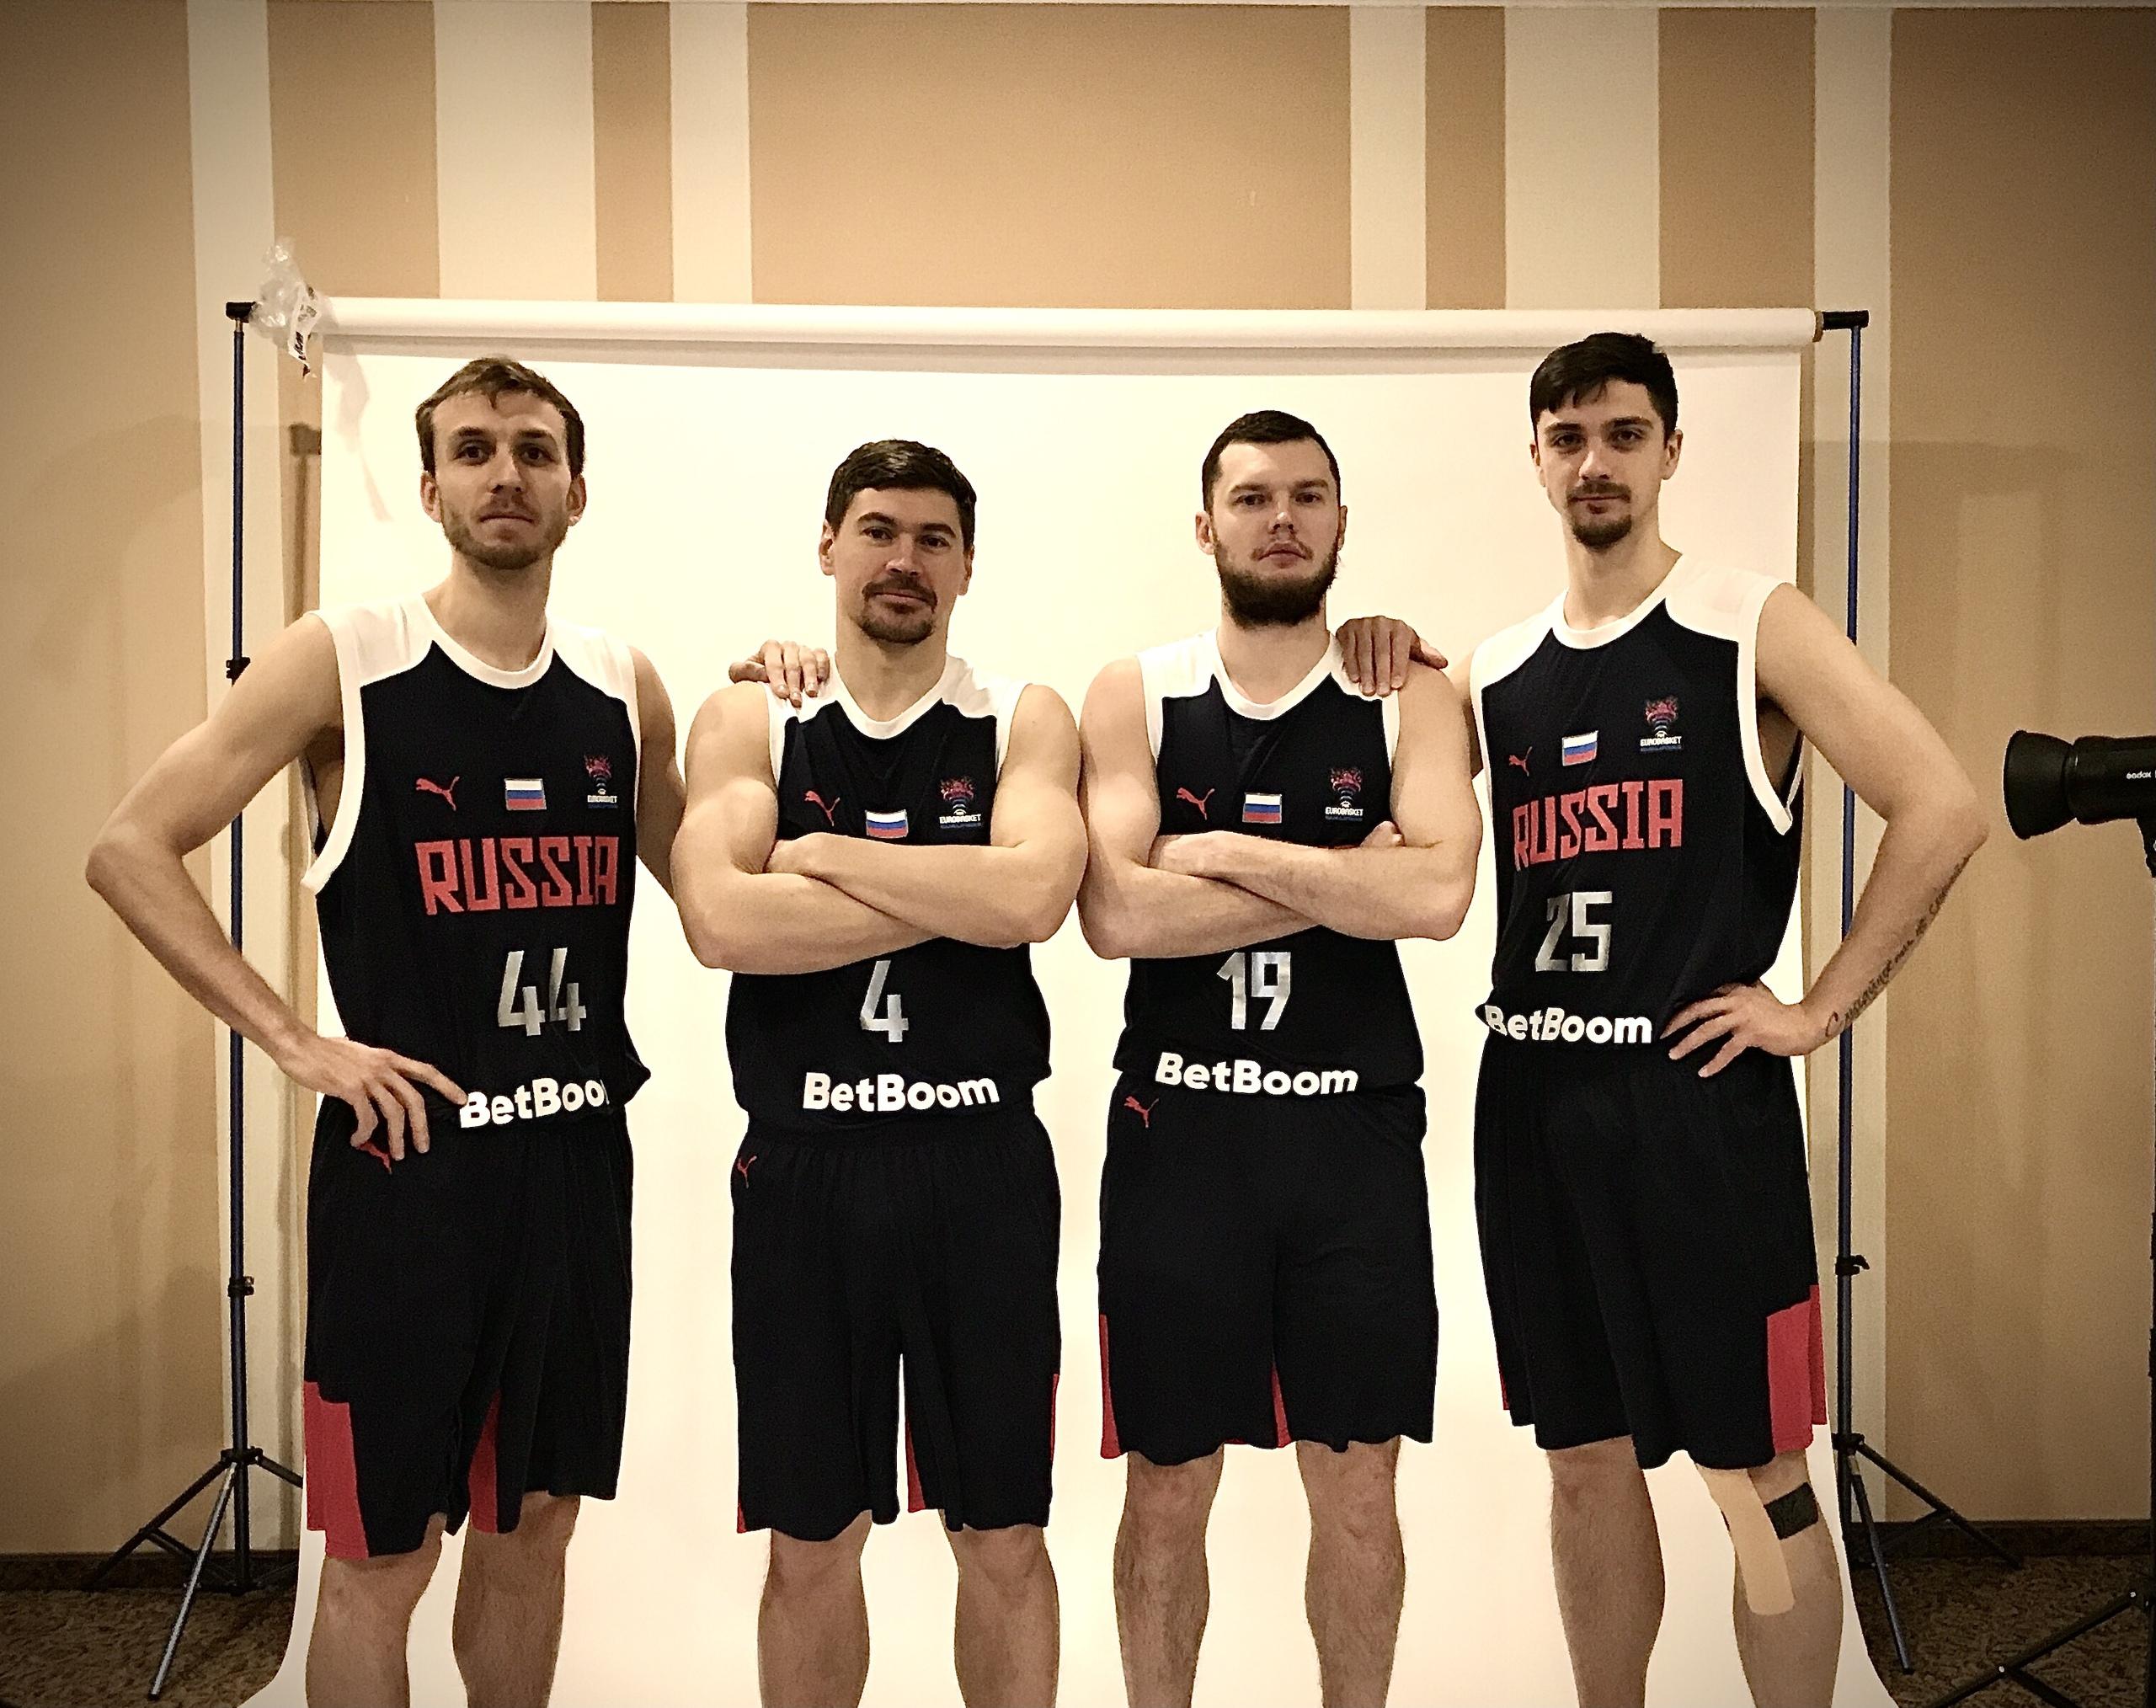 В сборной России новые лица. В Перми обновленная команда готовится выйти на Евробаскет-2022